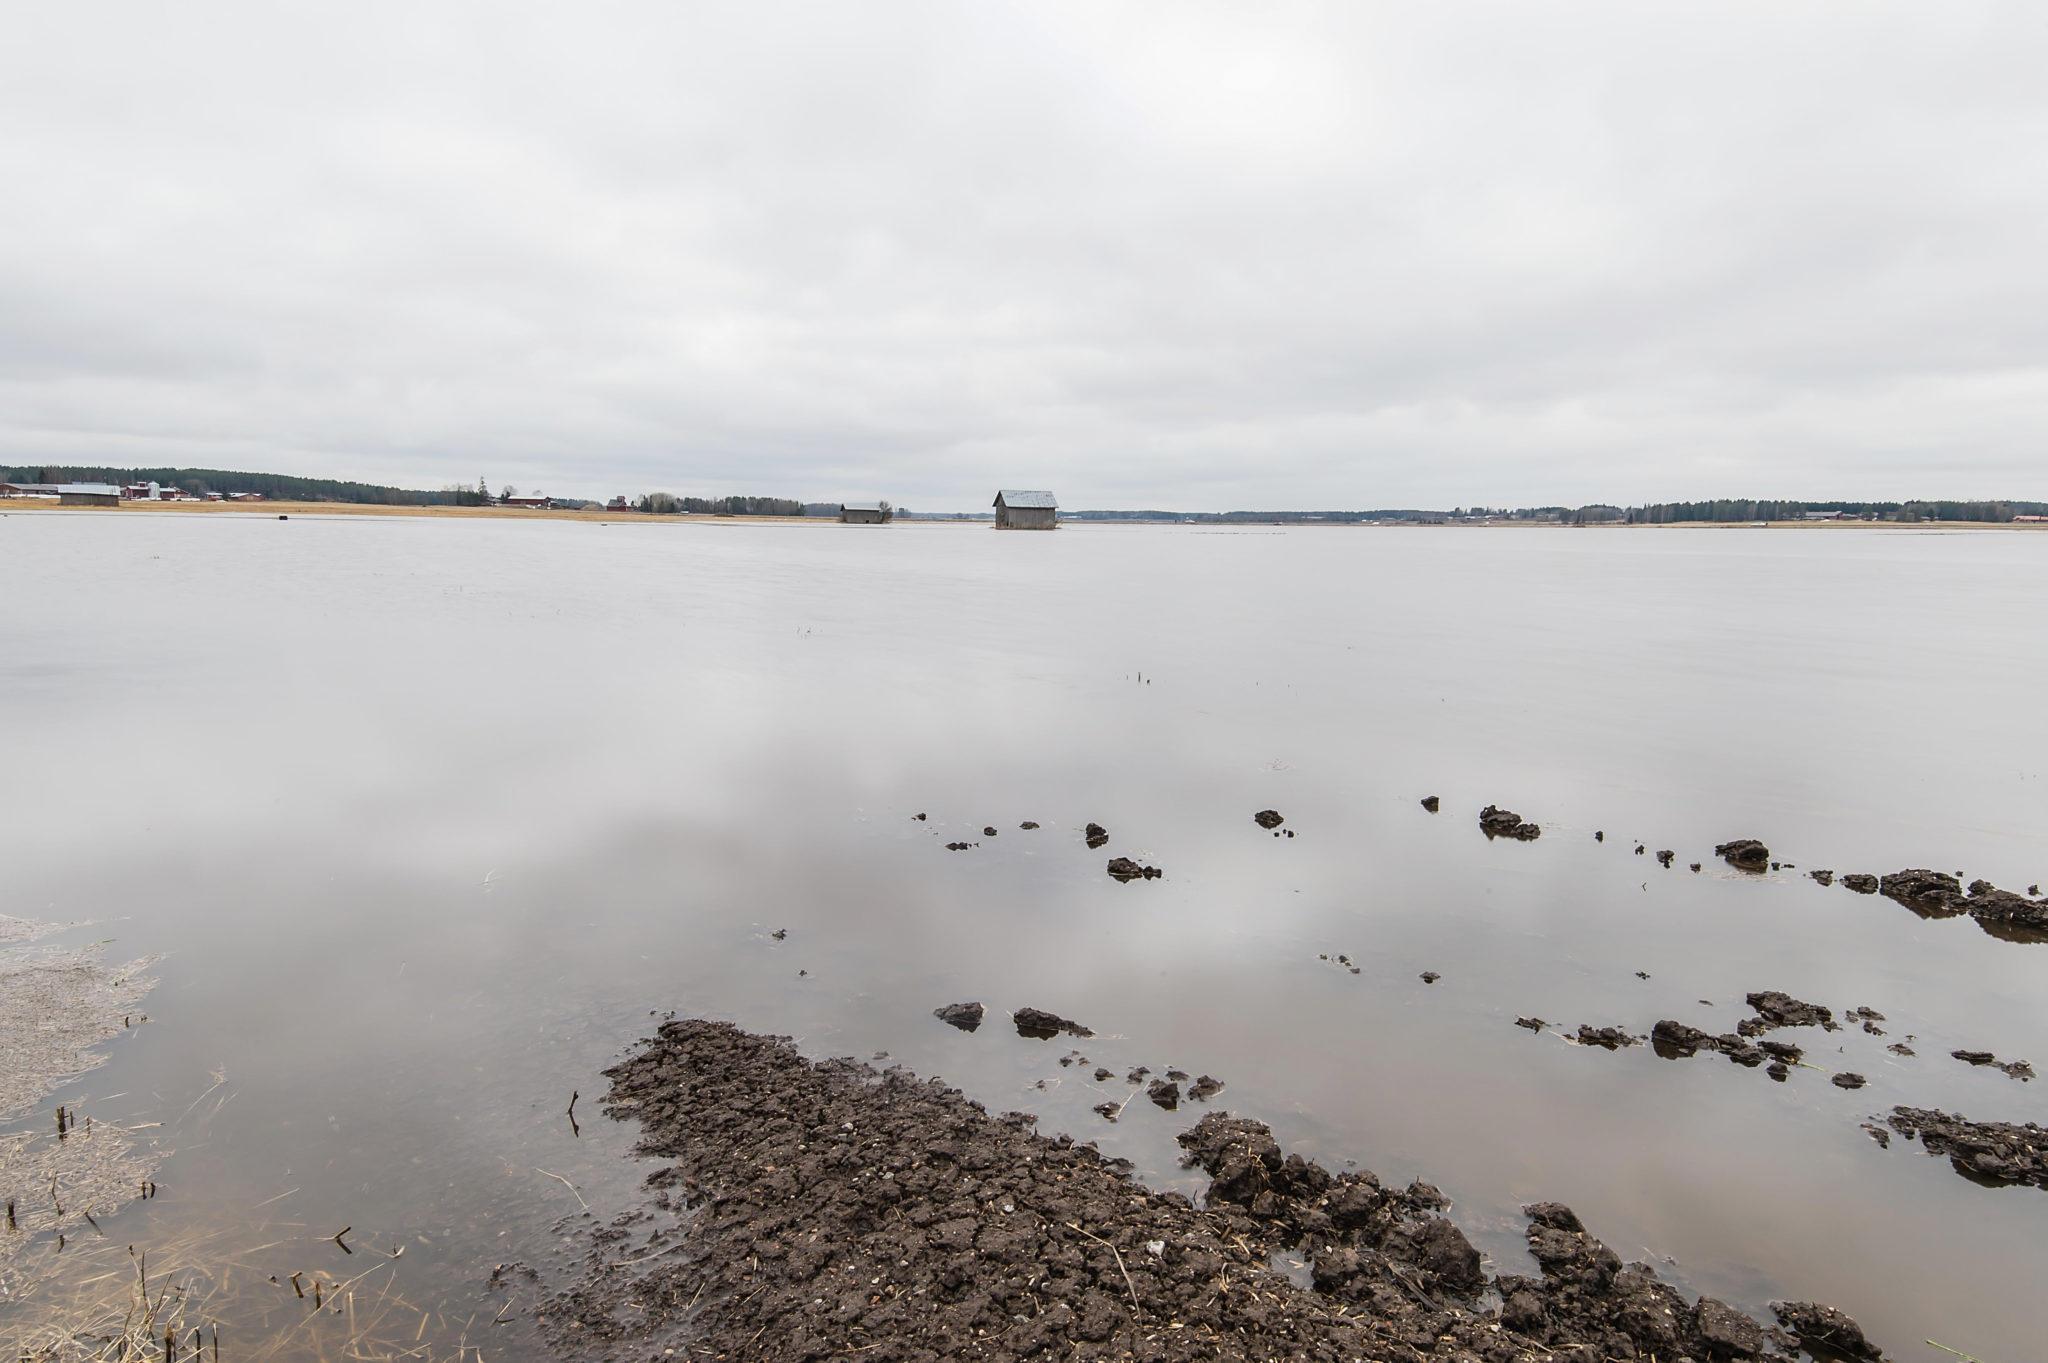 Uusi ranta – New Shore